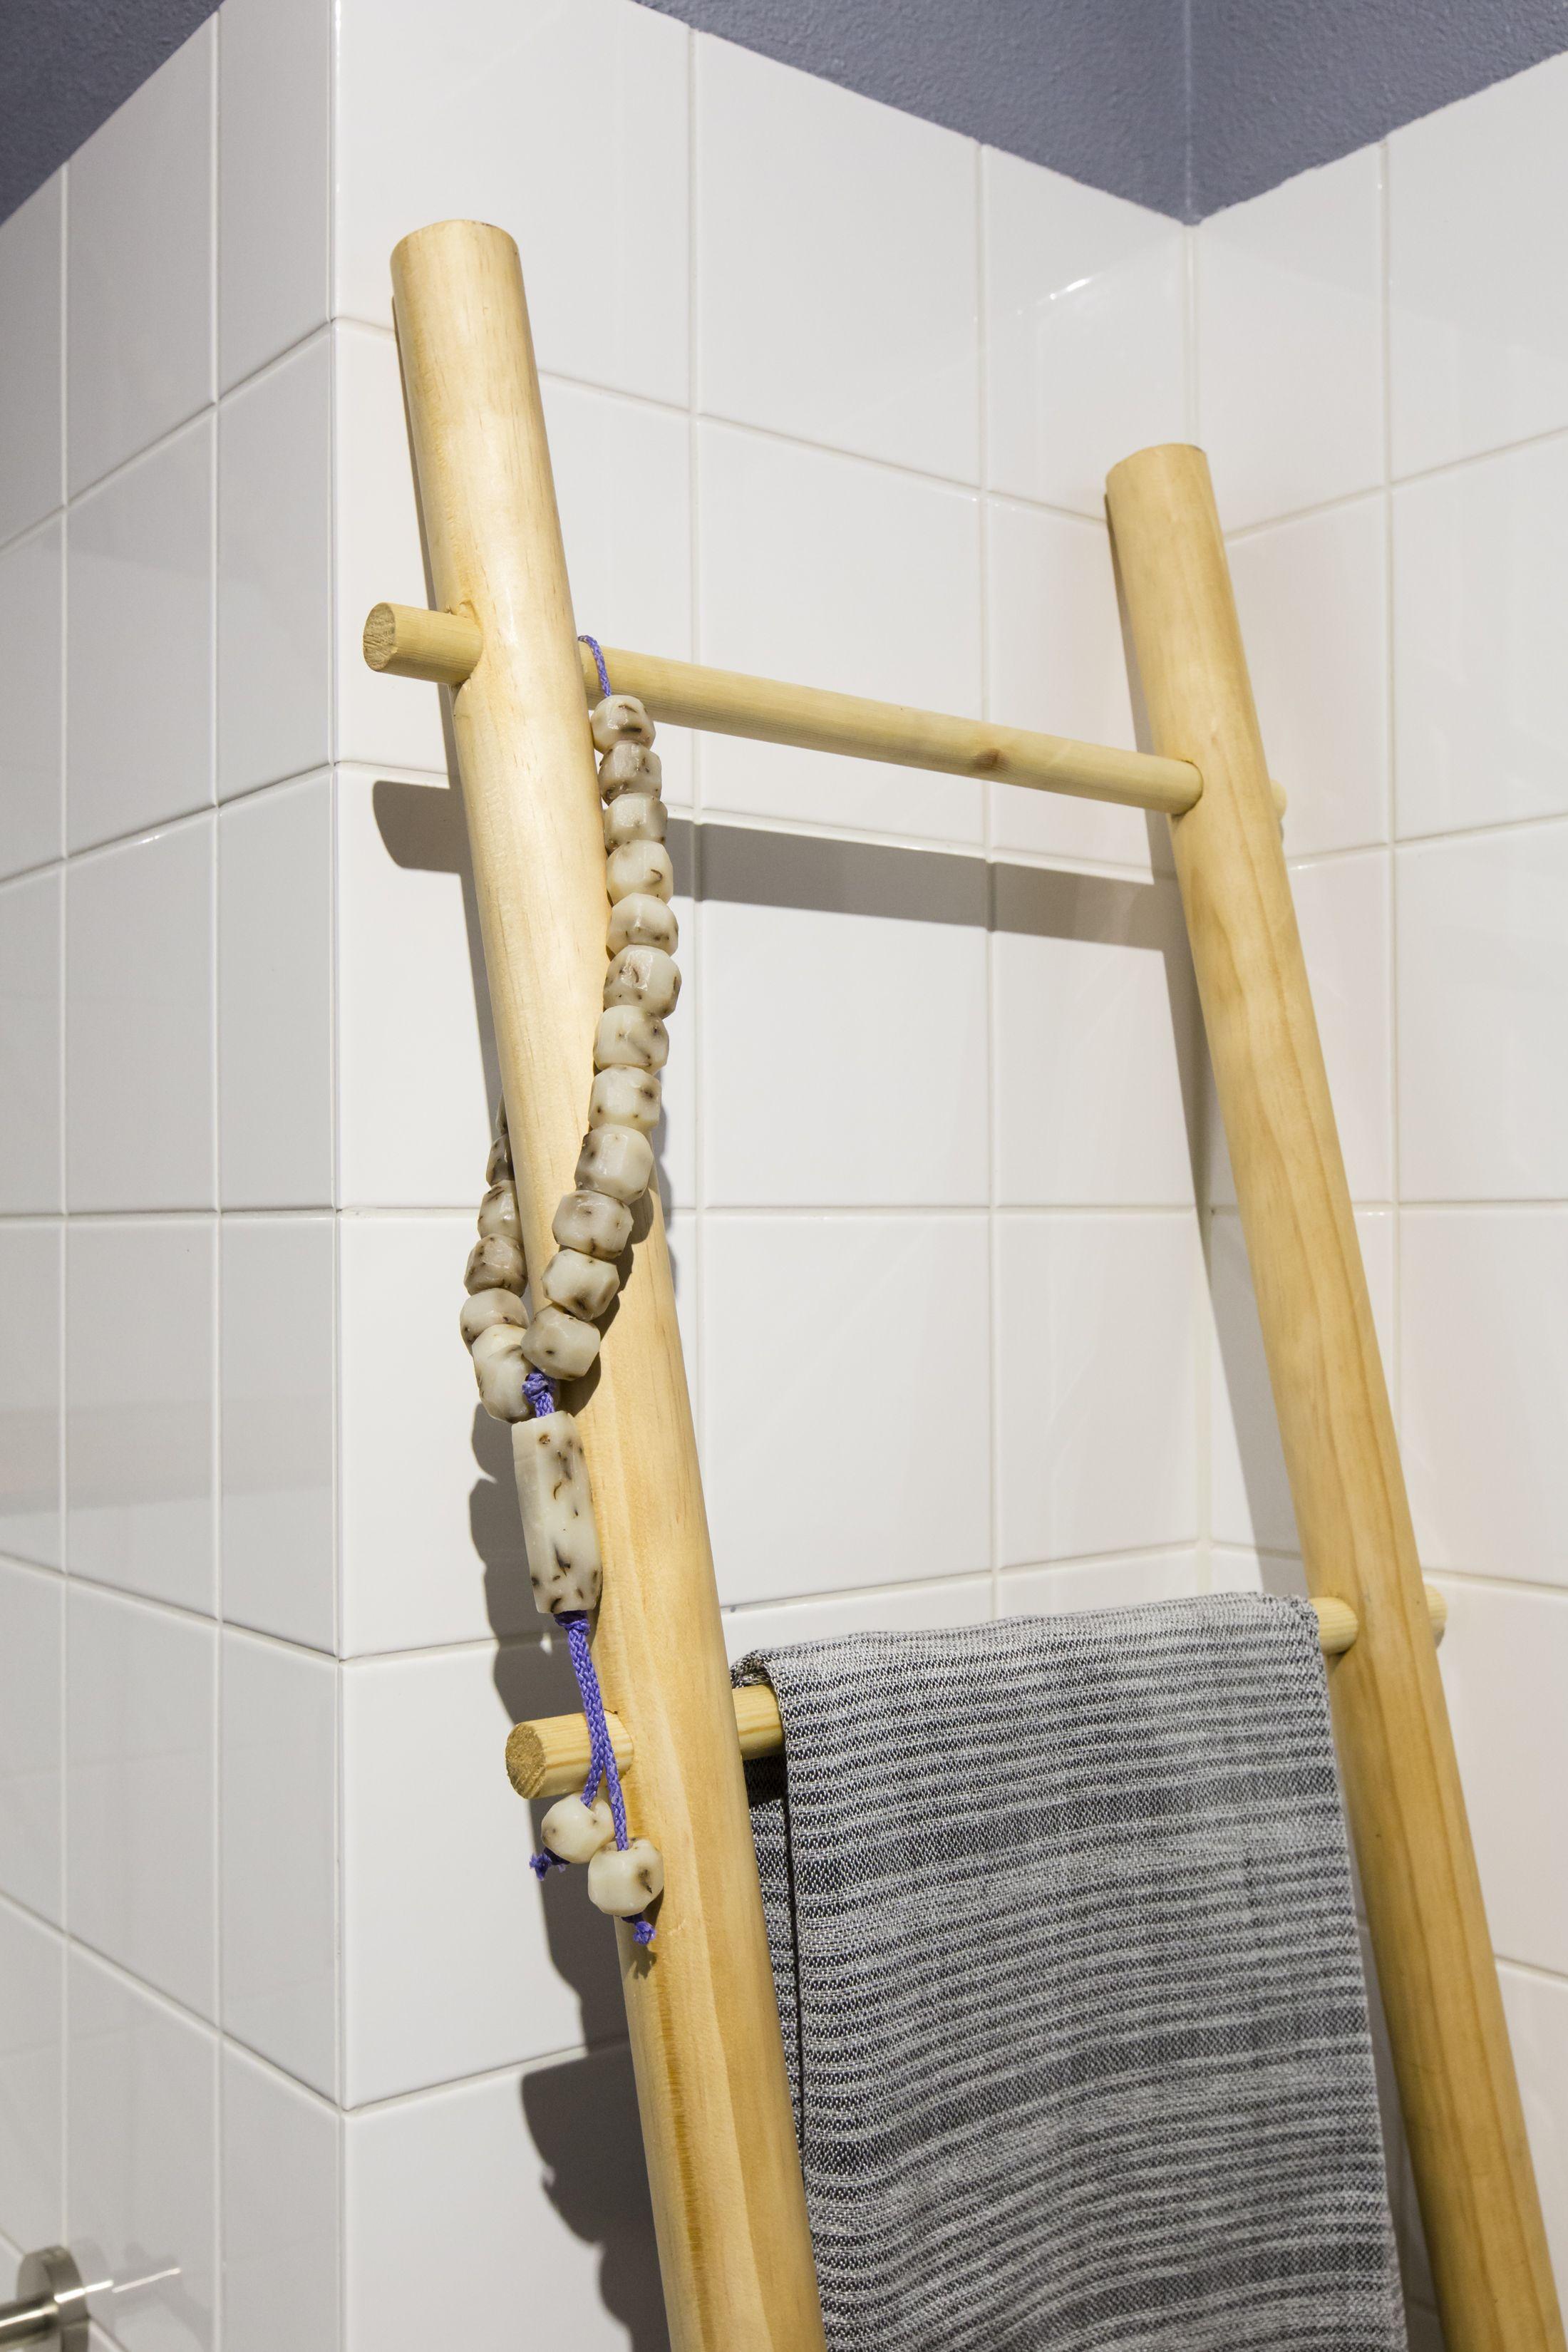 KARWEI |Aflevering 8: Voor handdoeken, kleding of mooie accessoires ...